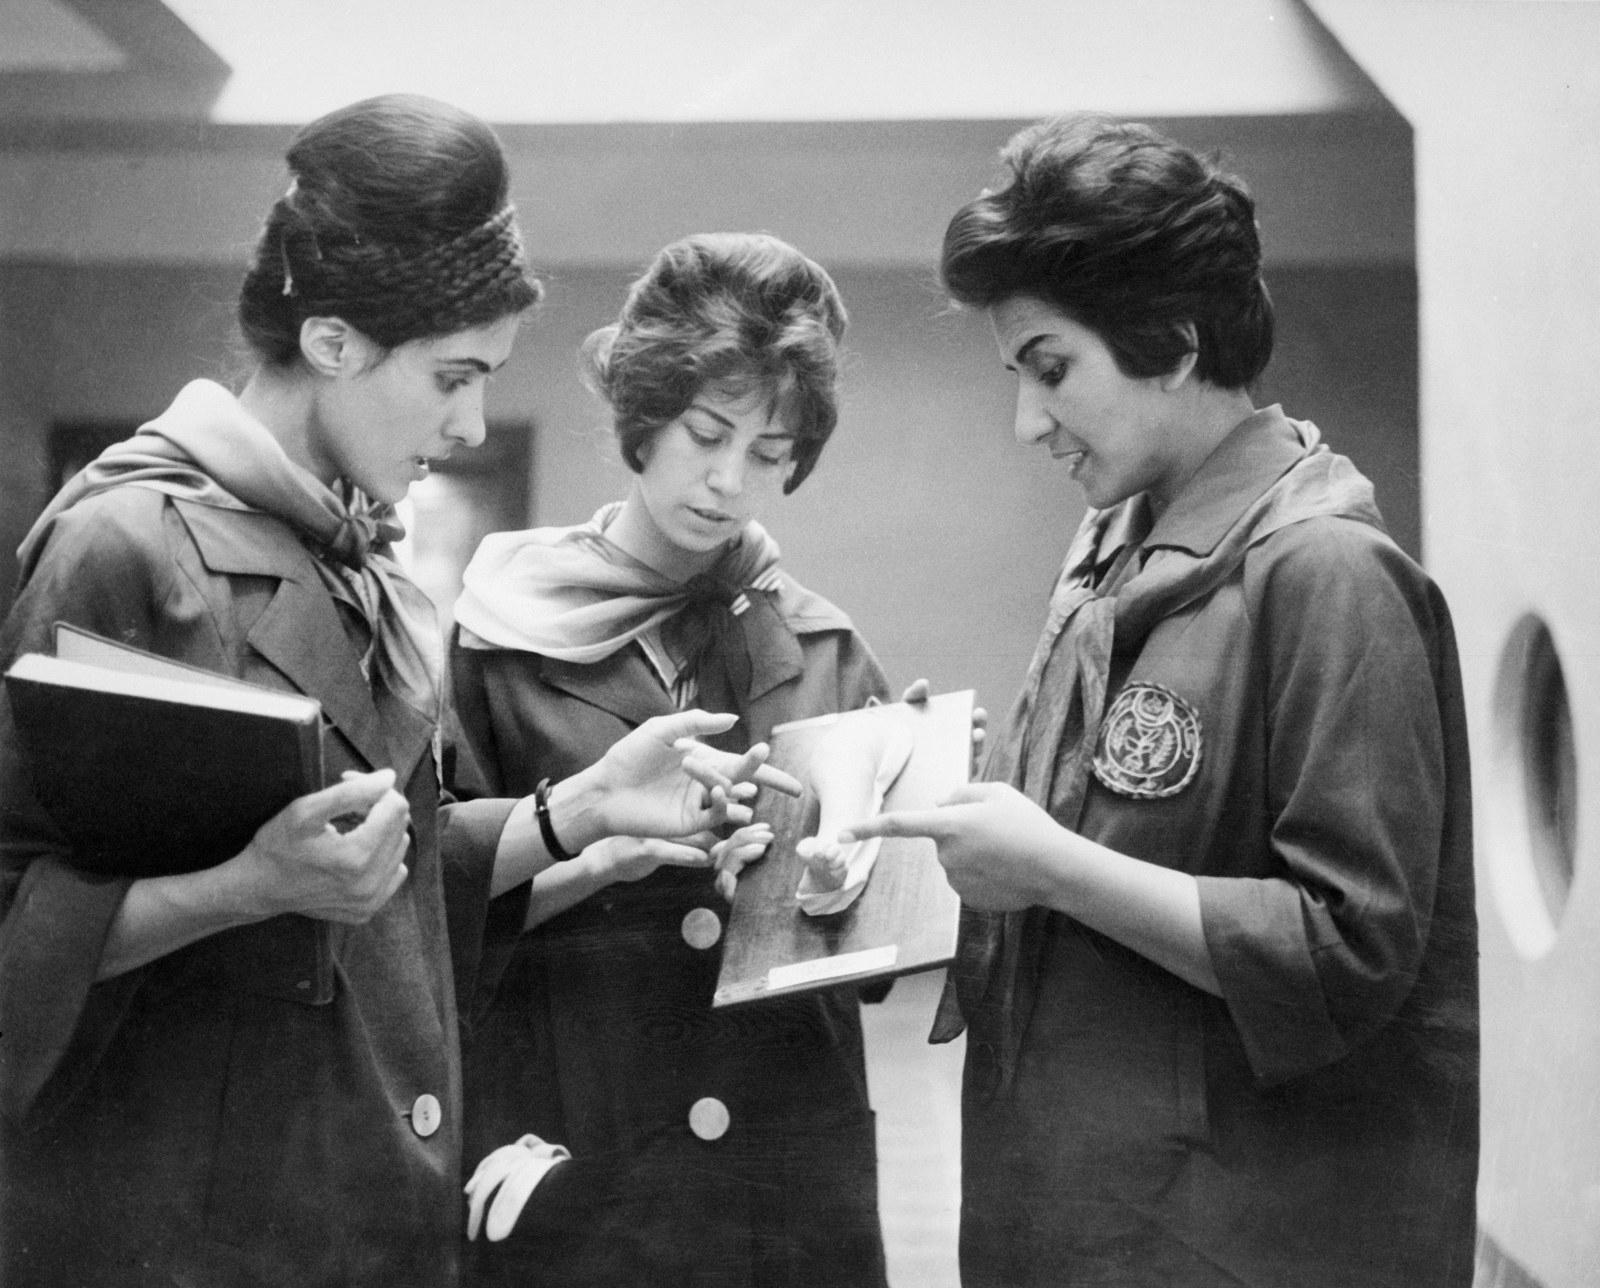 Студенты, будущие медики в Кабульском медицинском университете, 1962